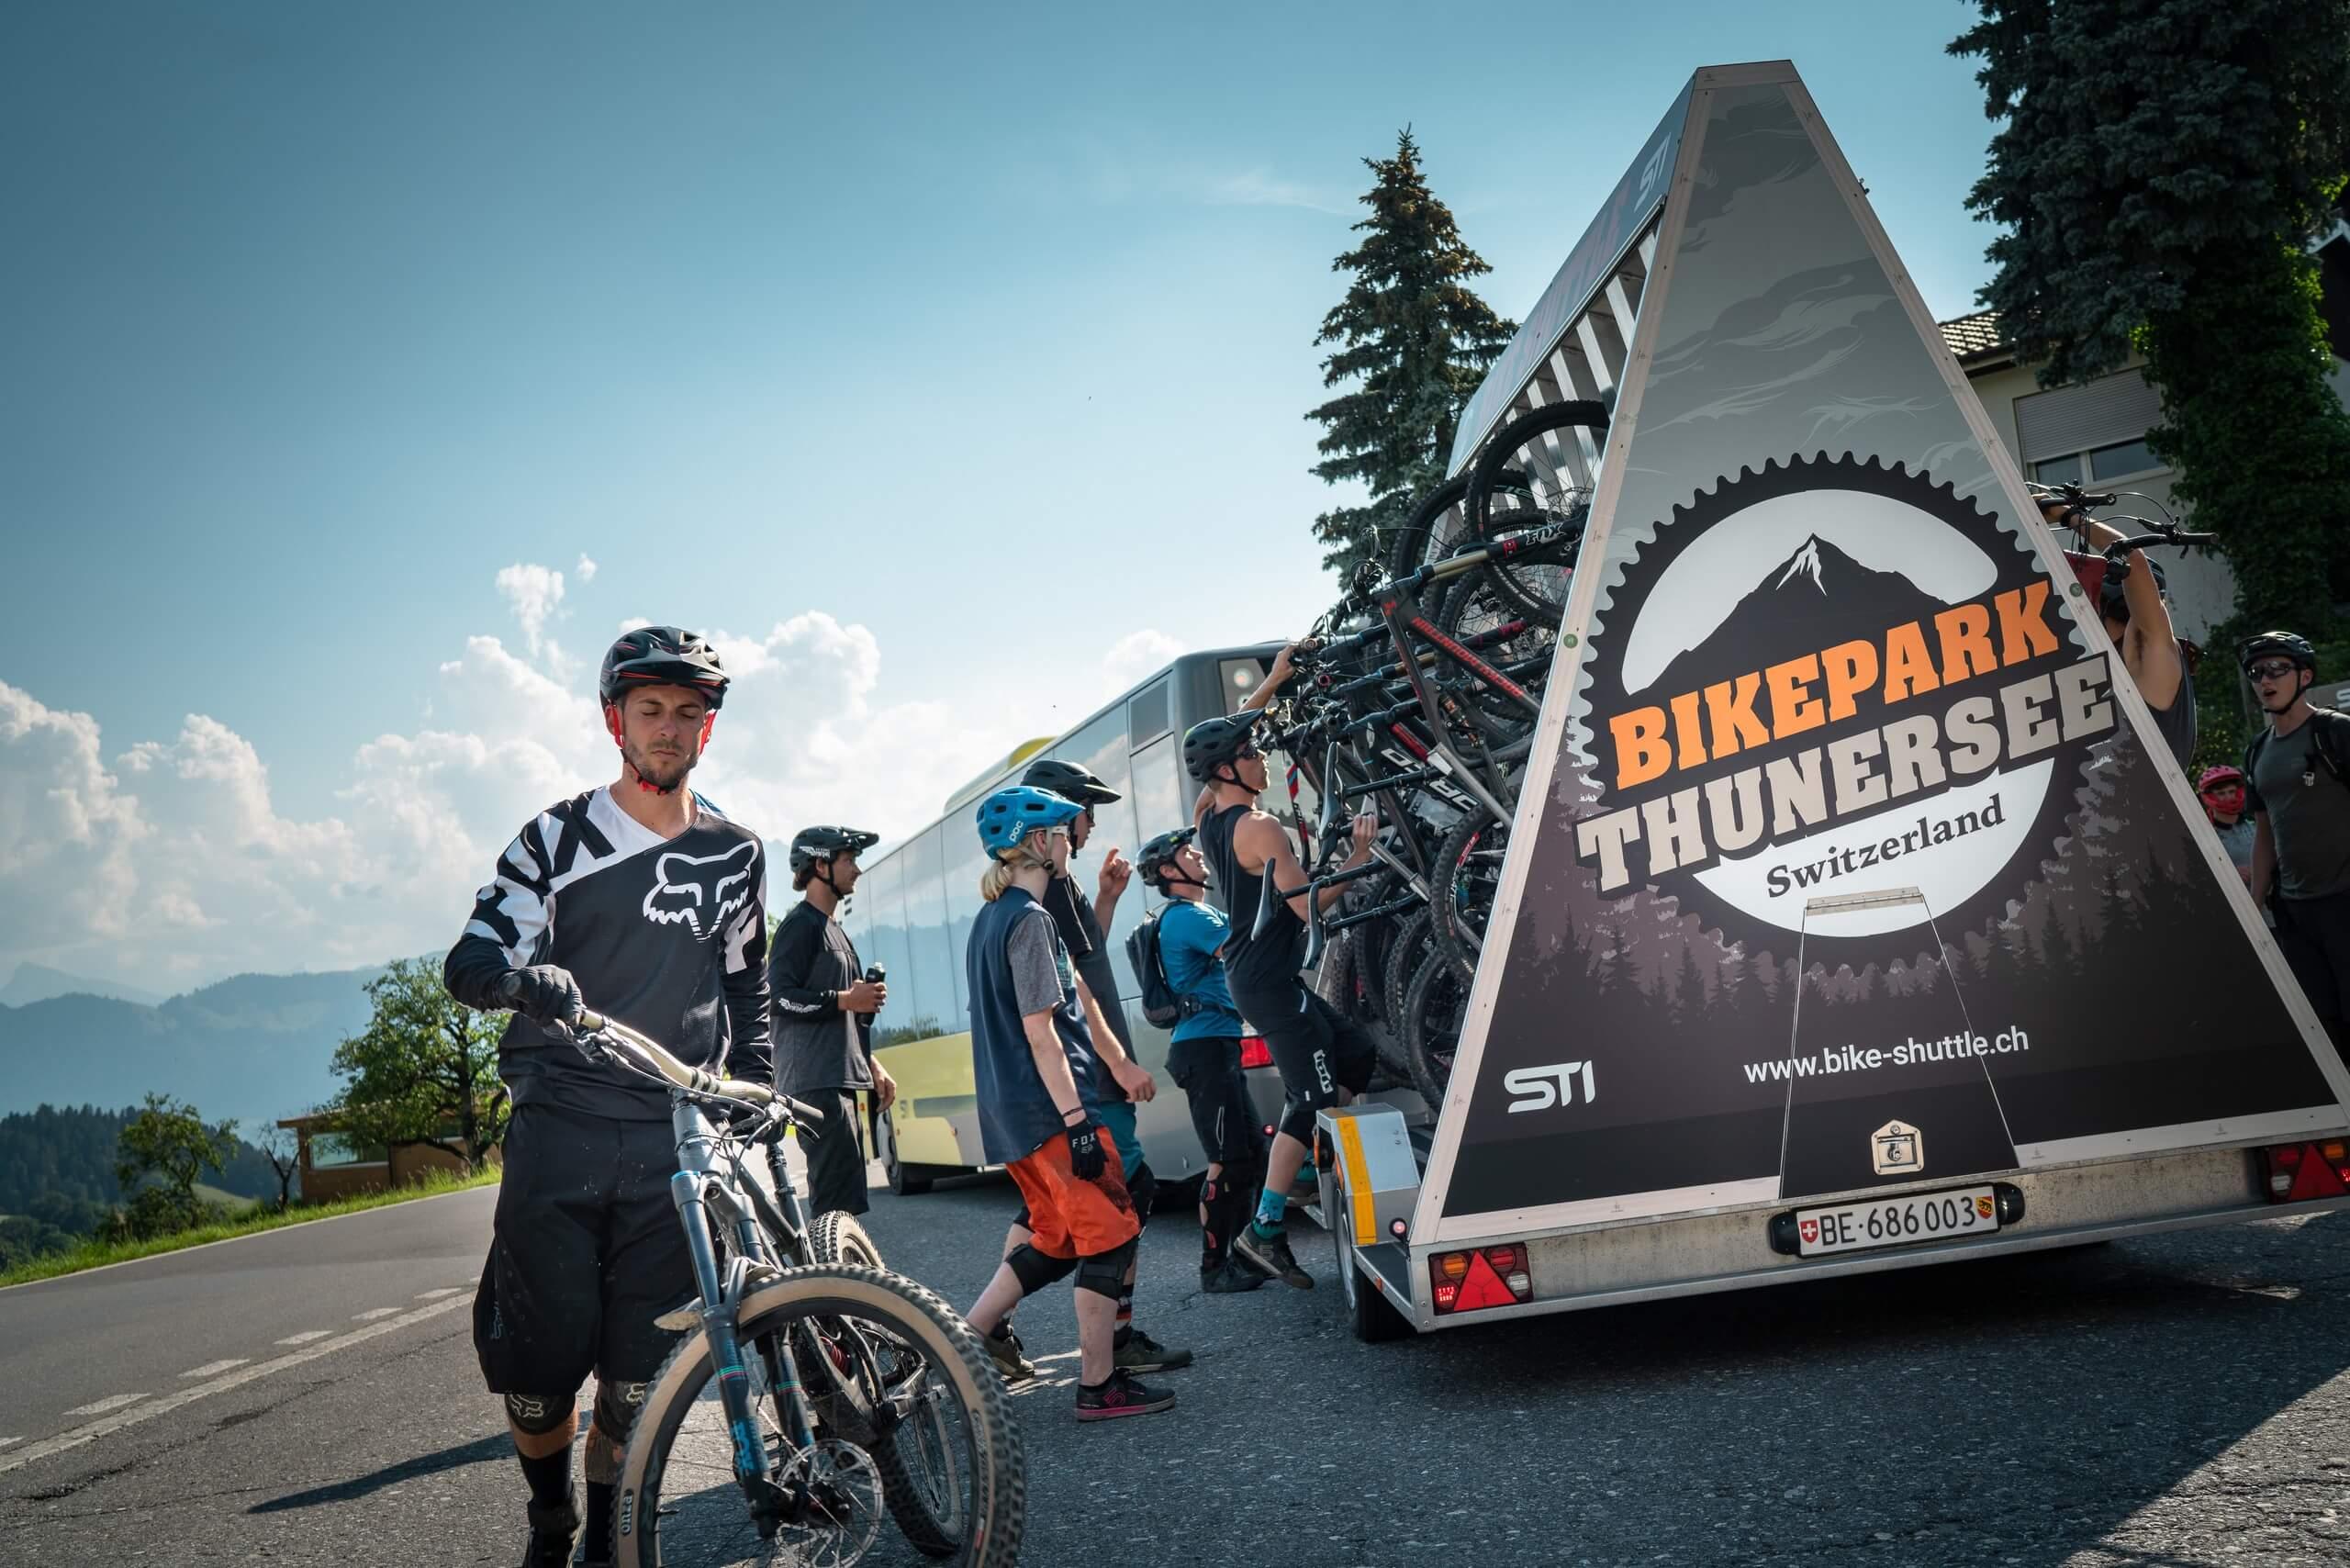 goldiwil-bike-shuttle-rabenfluh-trail-endstation